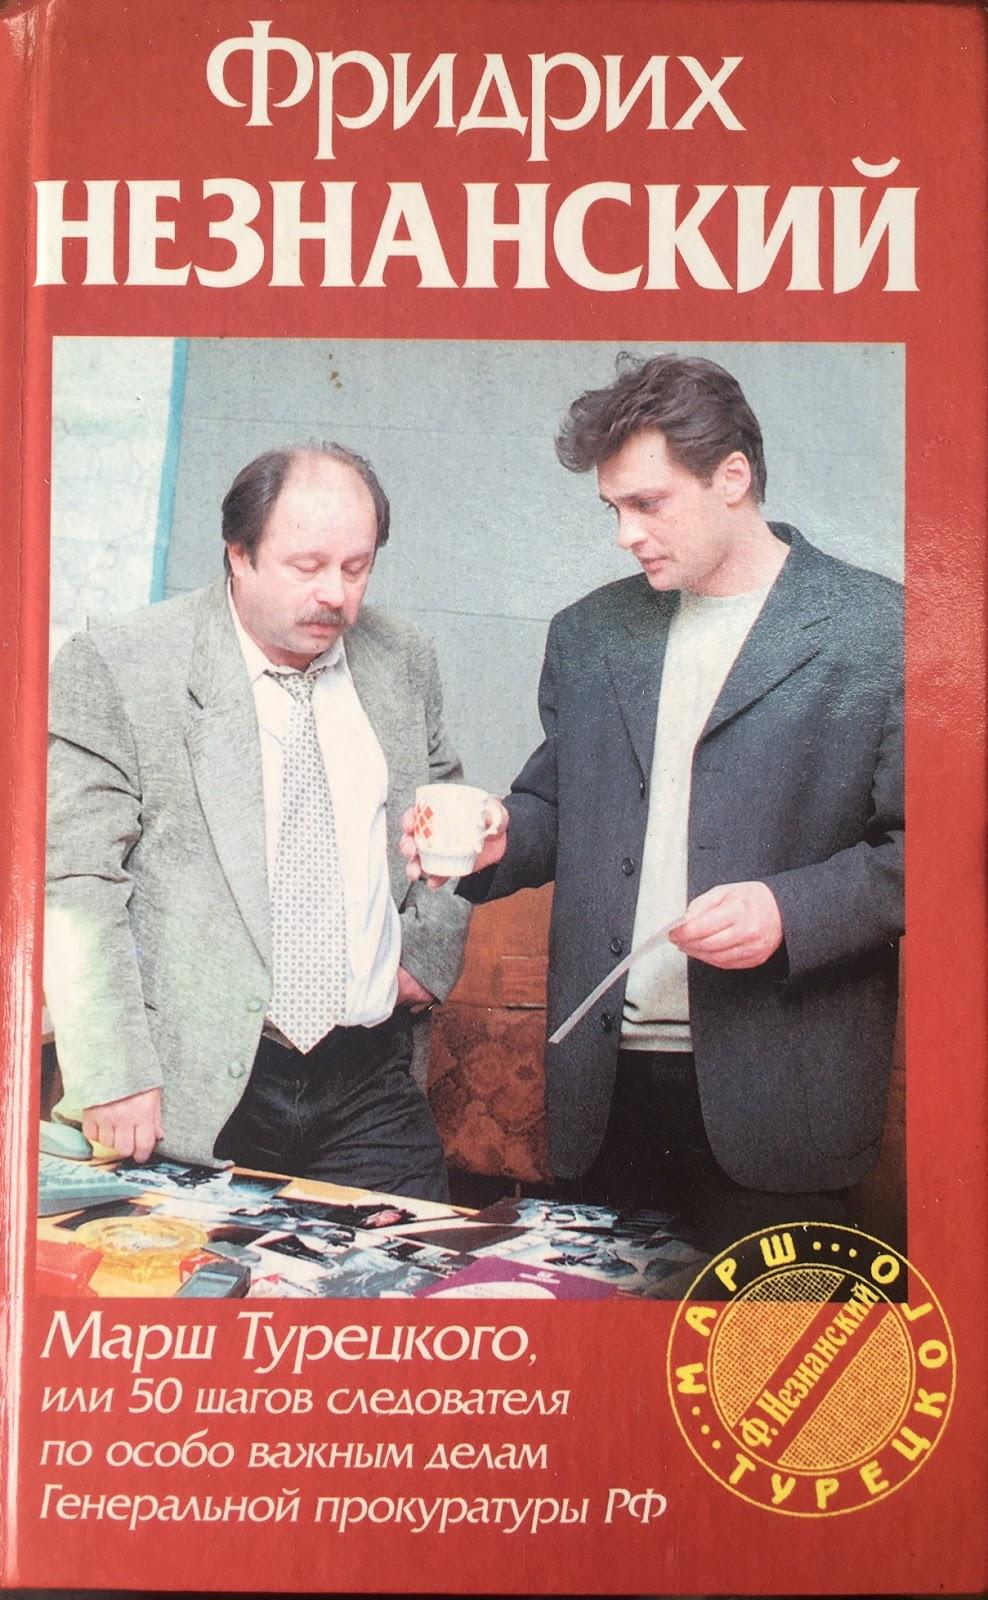 Фридрих Незнанский — Марш Турецкого (2002)